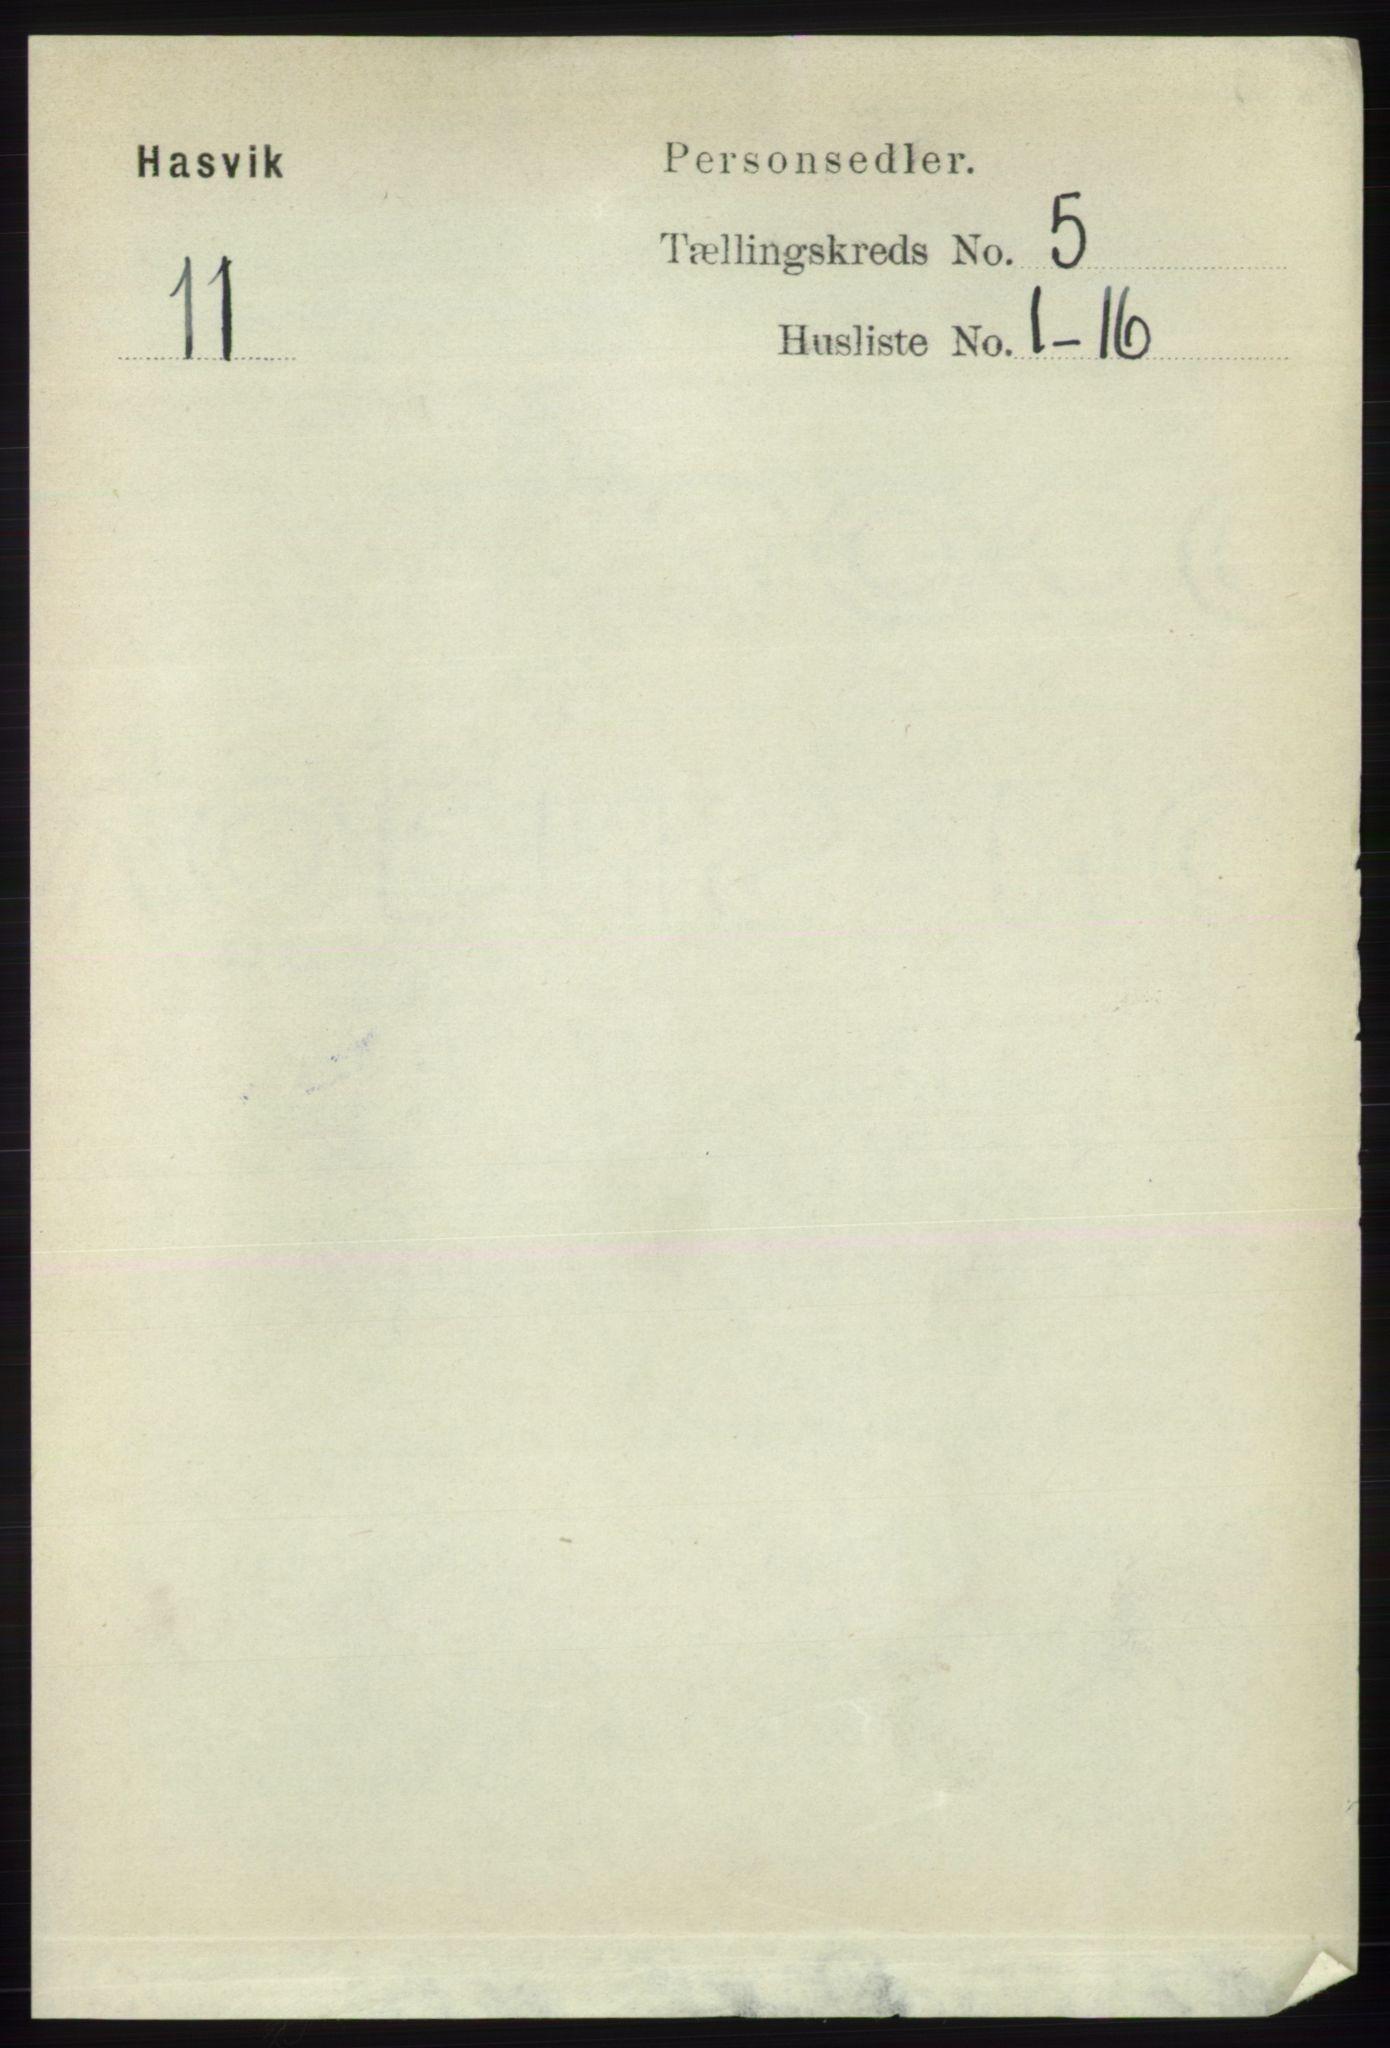 RA, Folketelling 1891 for 2015 Hasvik herred, 1891, s. 640